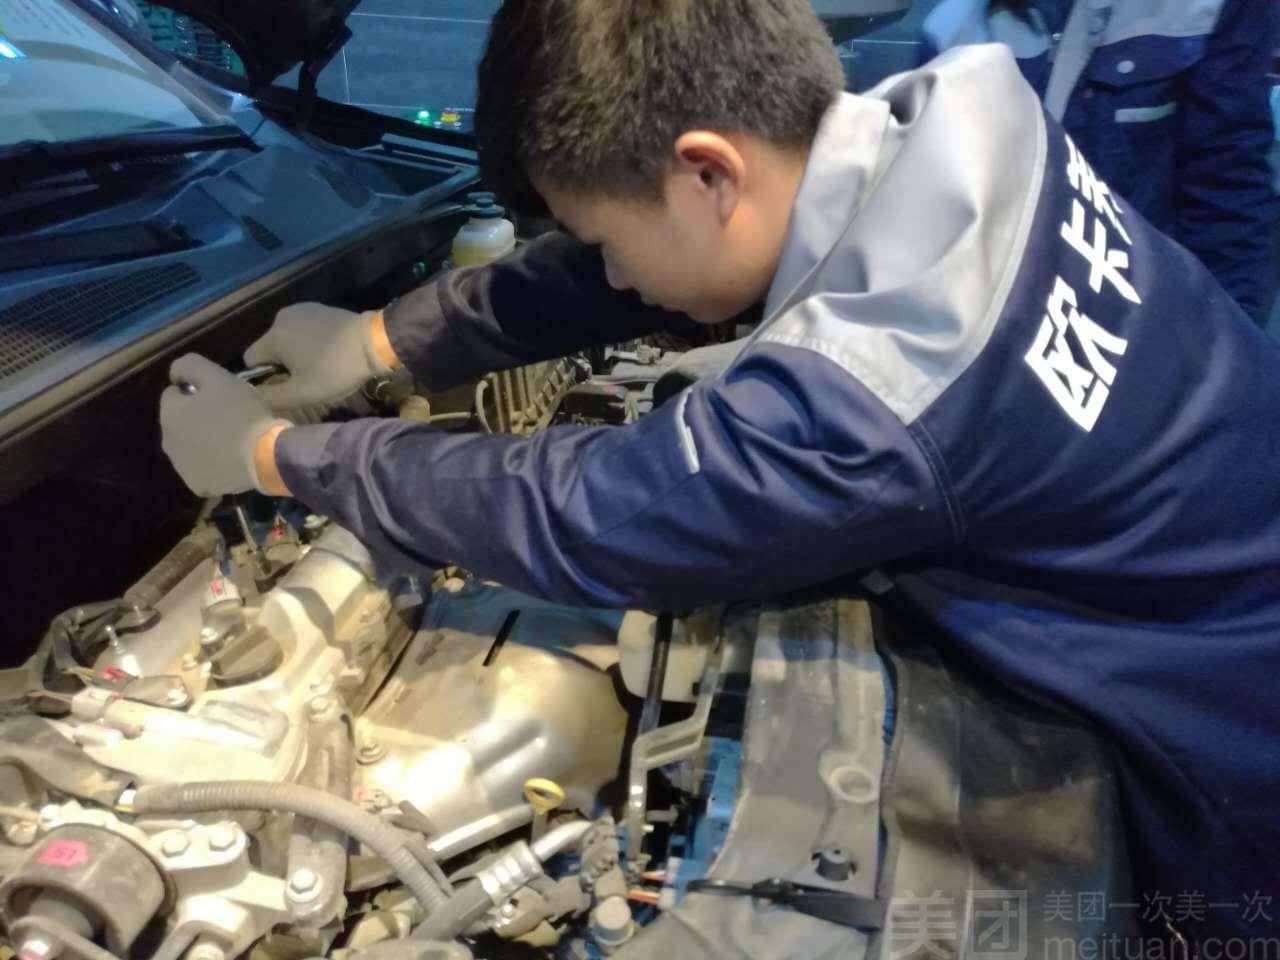 :长沙今日团购:【欧卡养车】机油更换工时费+24项项目检测